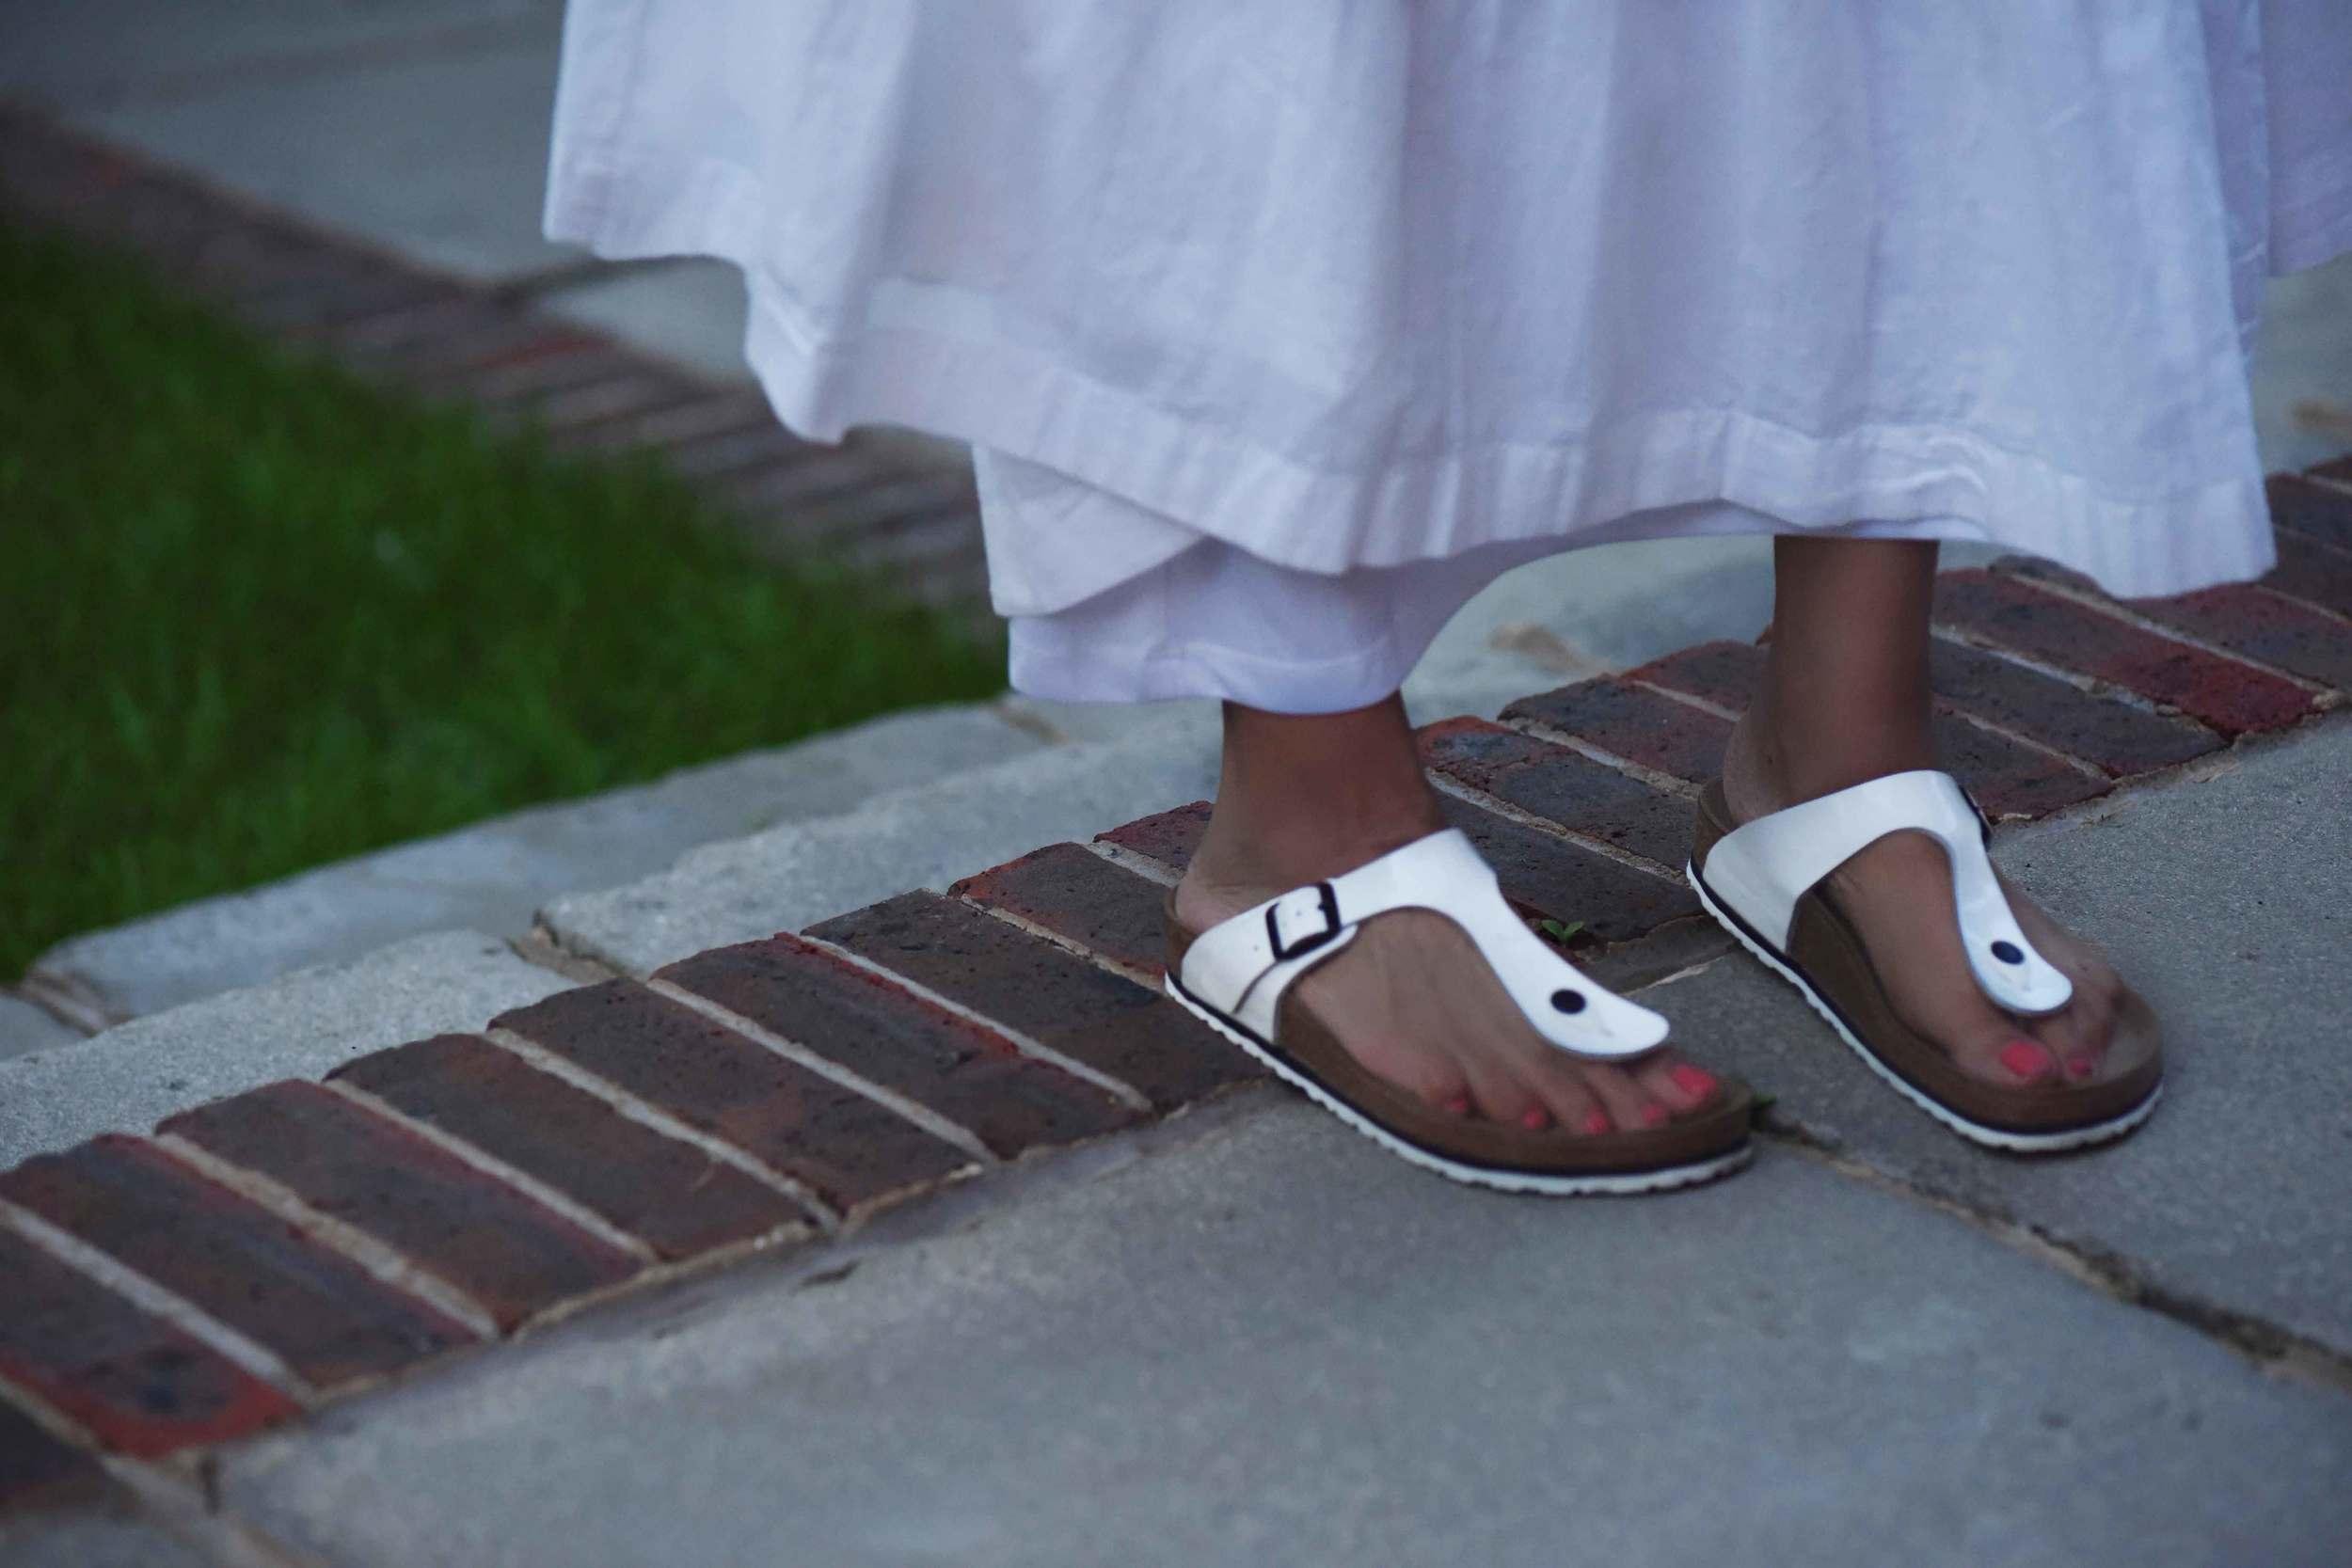 Birkenstock slipper, image©sourcingstyle.com